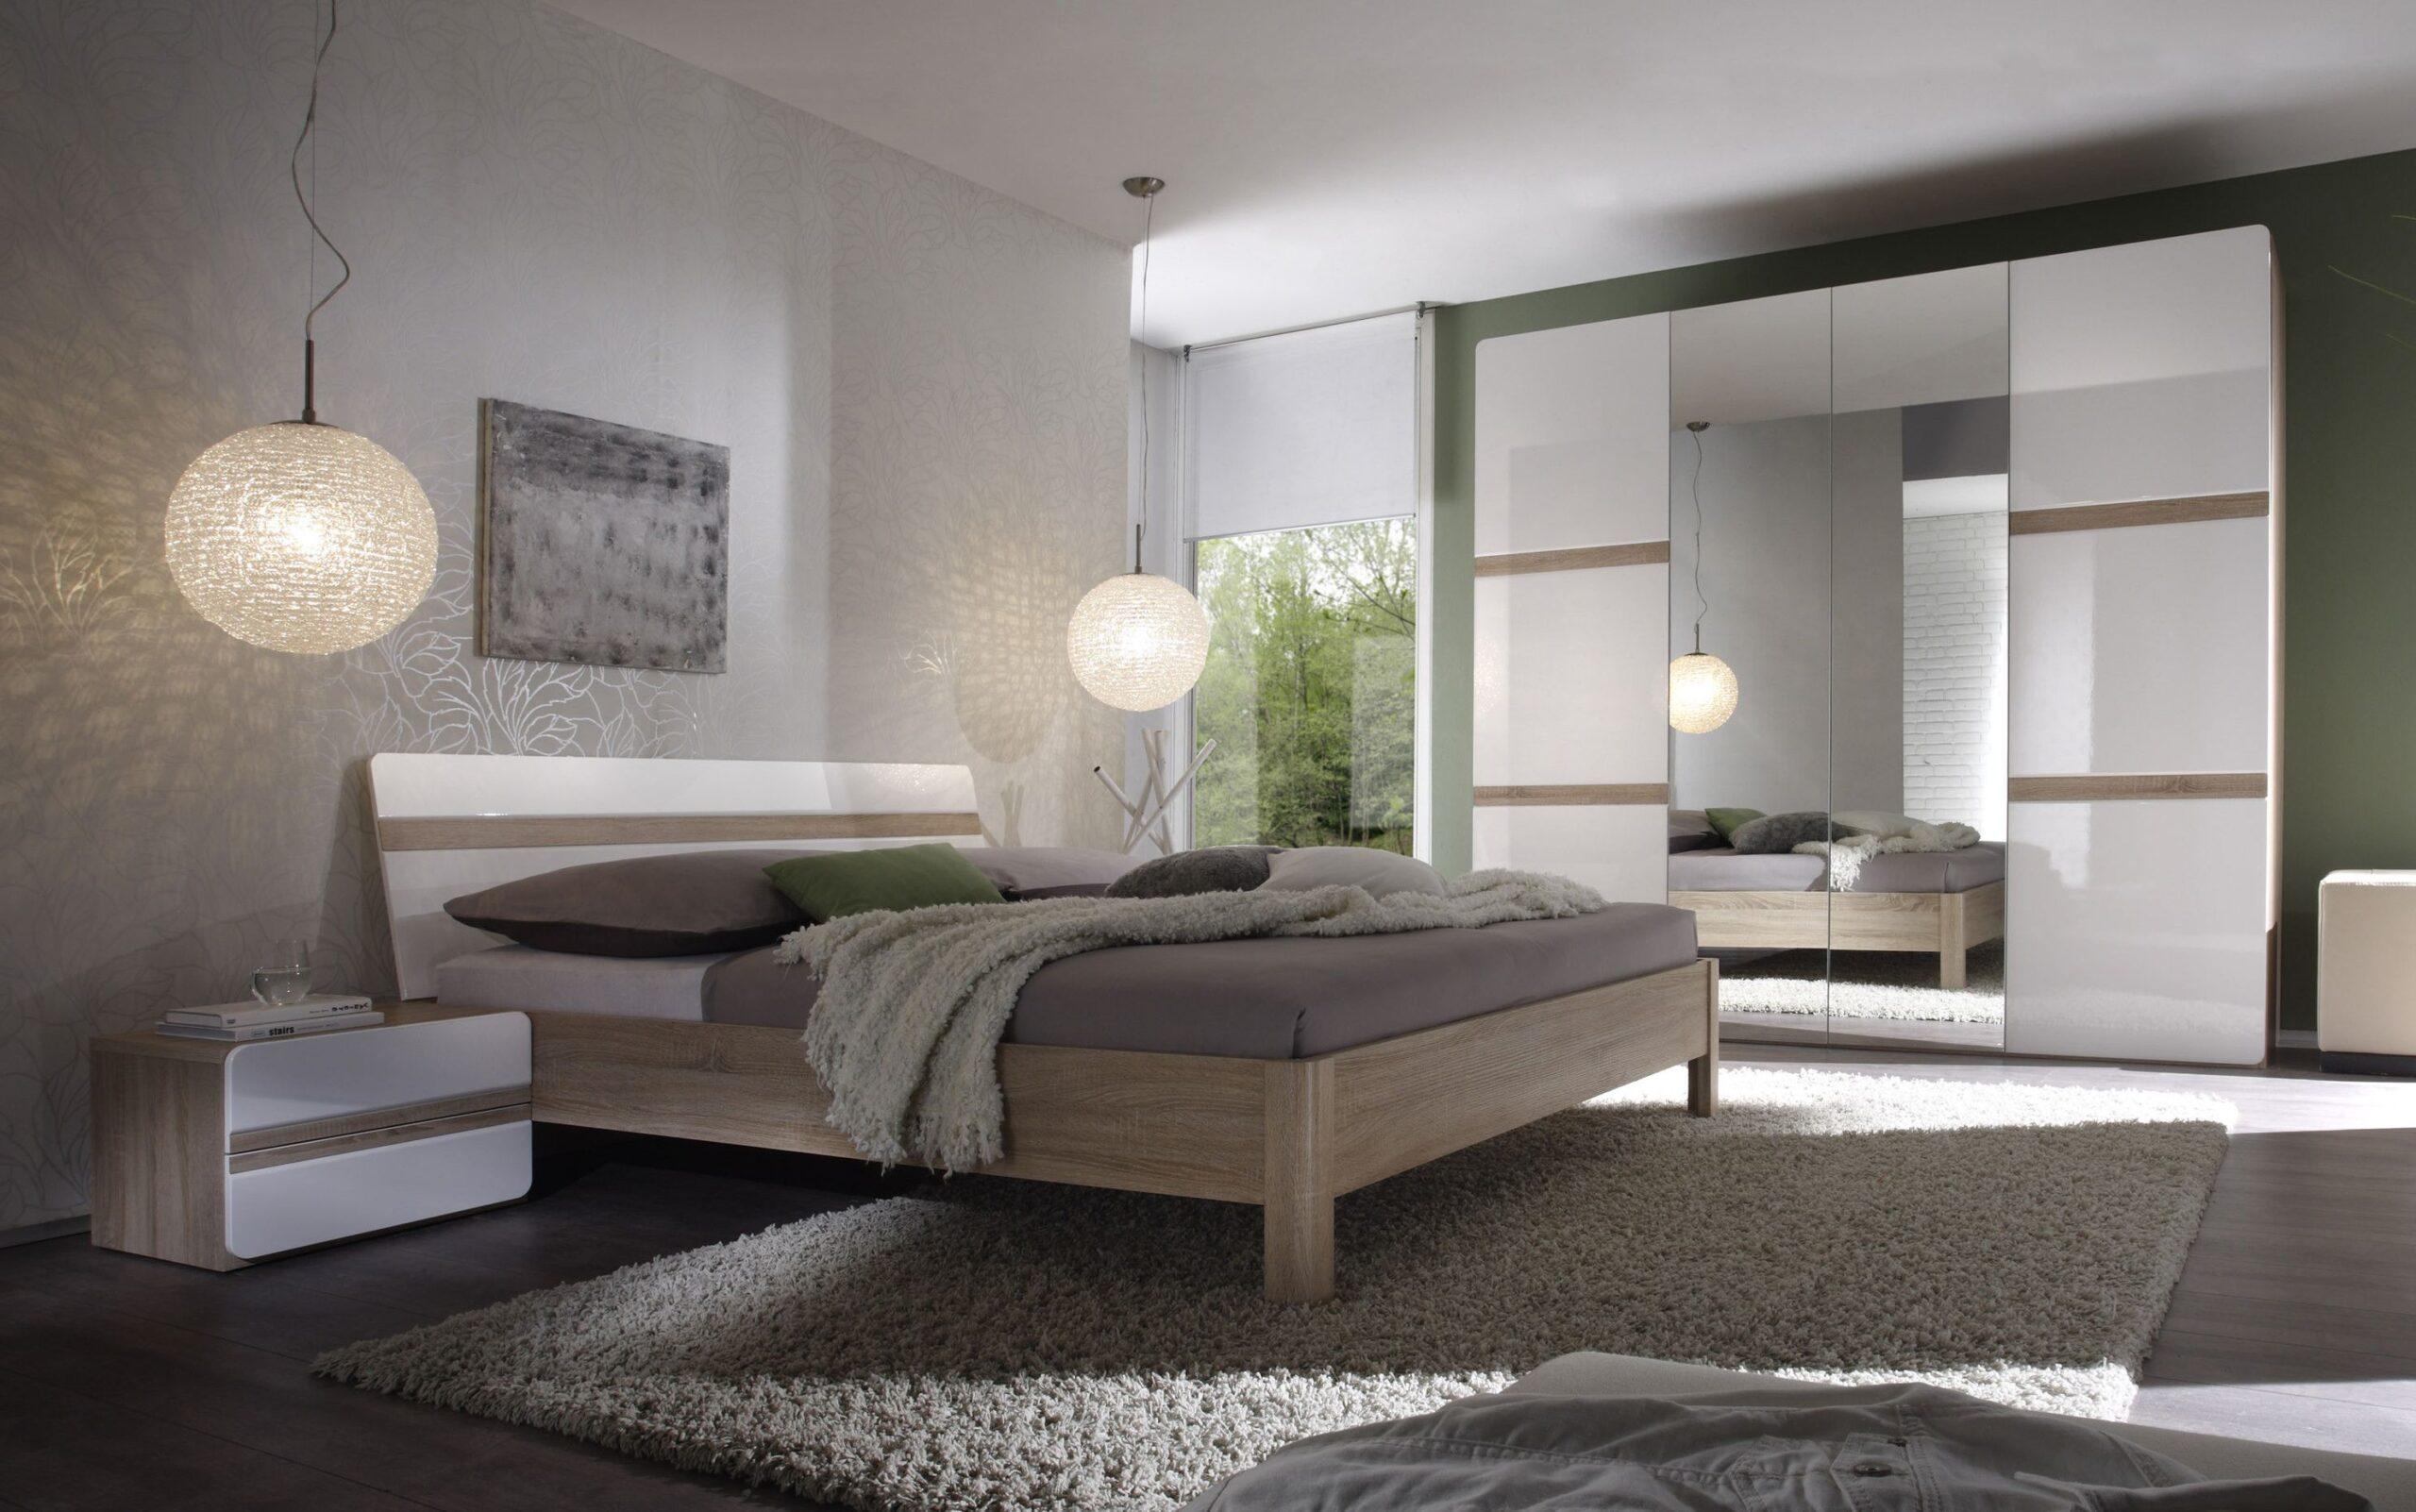 Full Size of Schlafzimmer Komplett Modern Luxus Set Weiss Massiv Mit Bett 180 200 Cm Hochglanz Eiche Sonoma Komplette Lampe Bad Komplettset Komplettangebote Weiß Modernes Wohnzimmer Schlafzimmer Komplett Modern